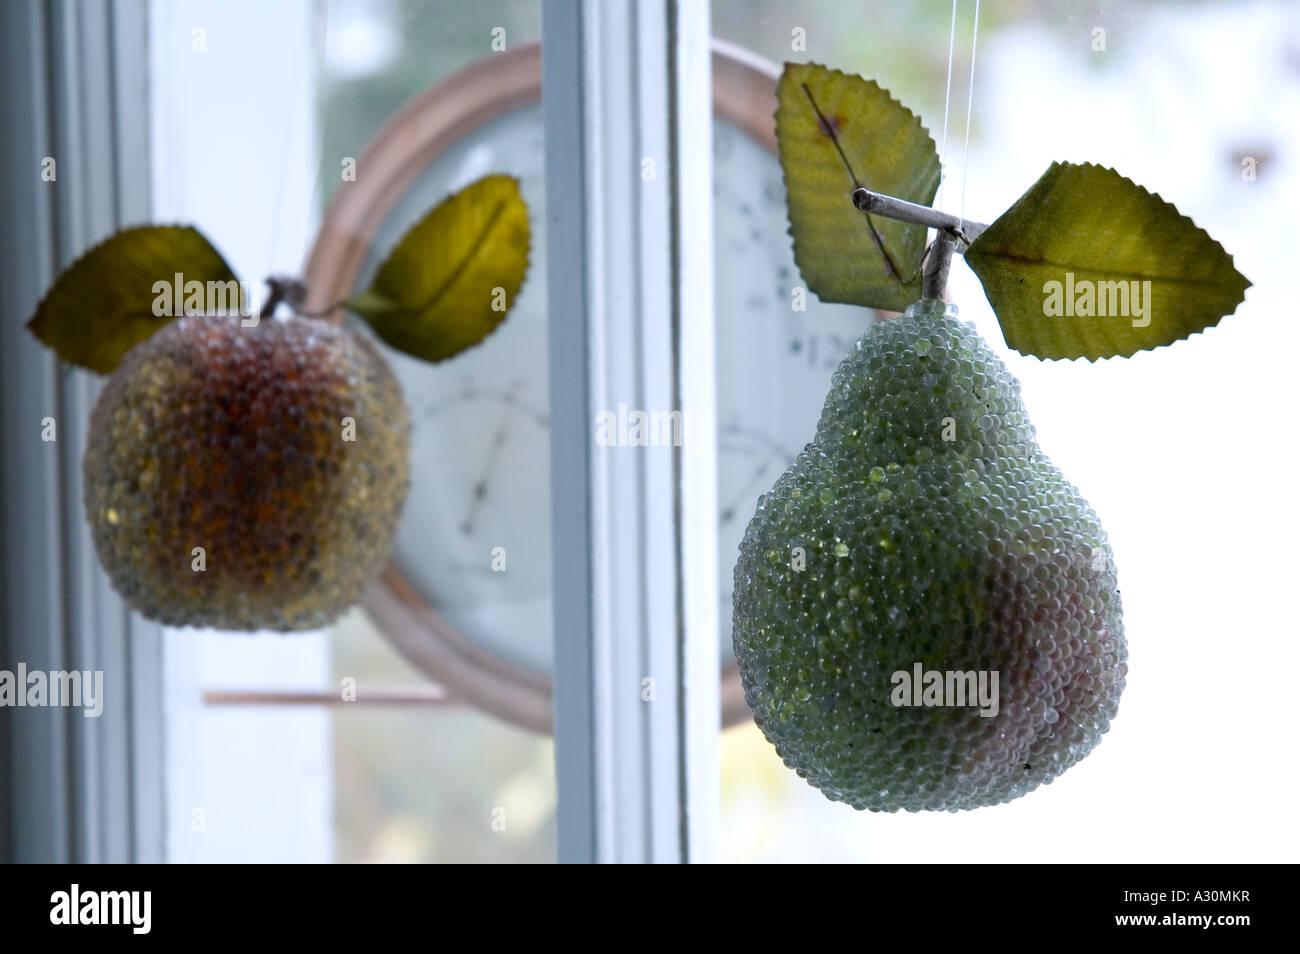 Kristall-Obst-Weihnachts-Dekoration hängen im Fenster Stockbild